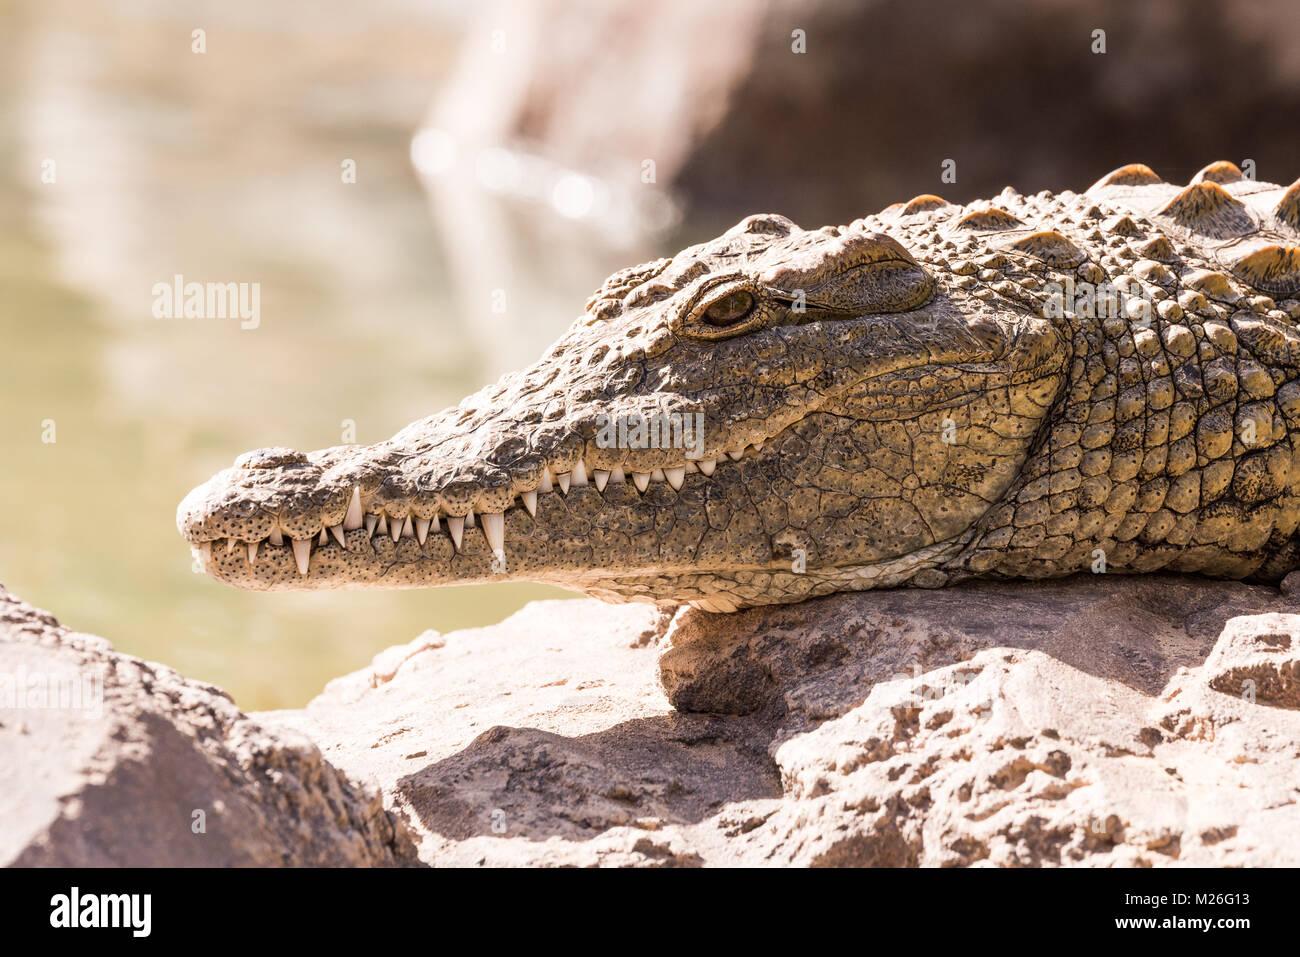 Blick auf ein faules Krokodil oder Alligator Stockbild